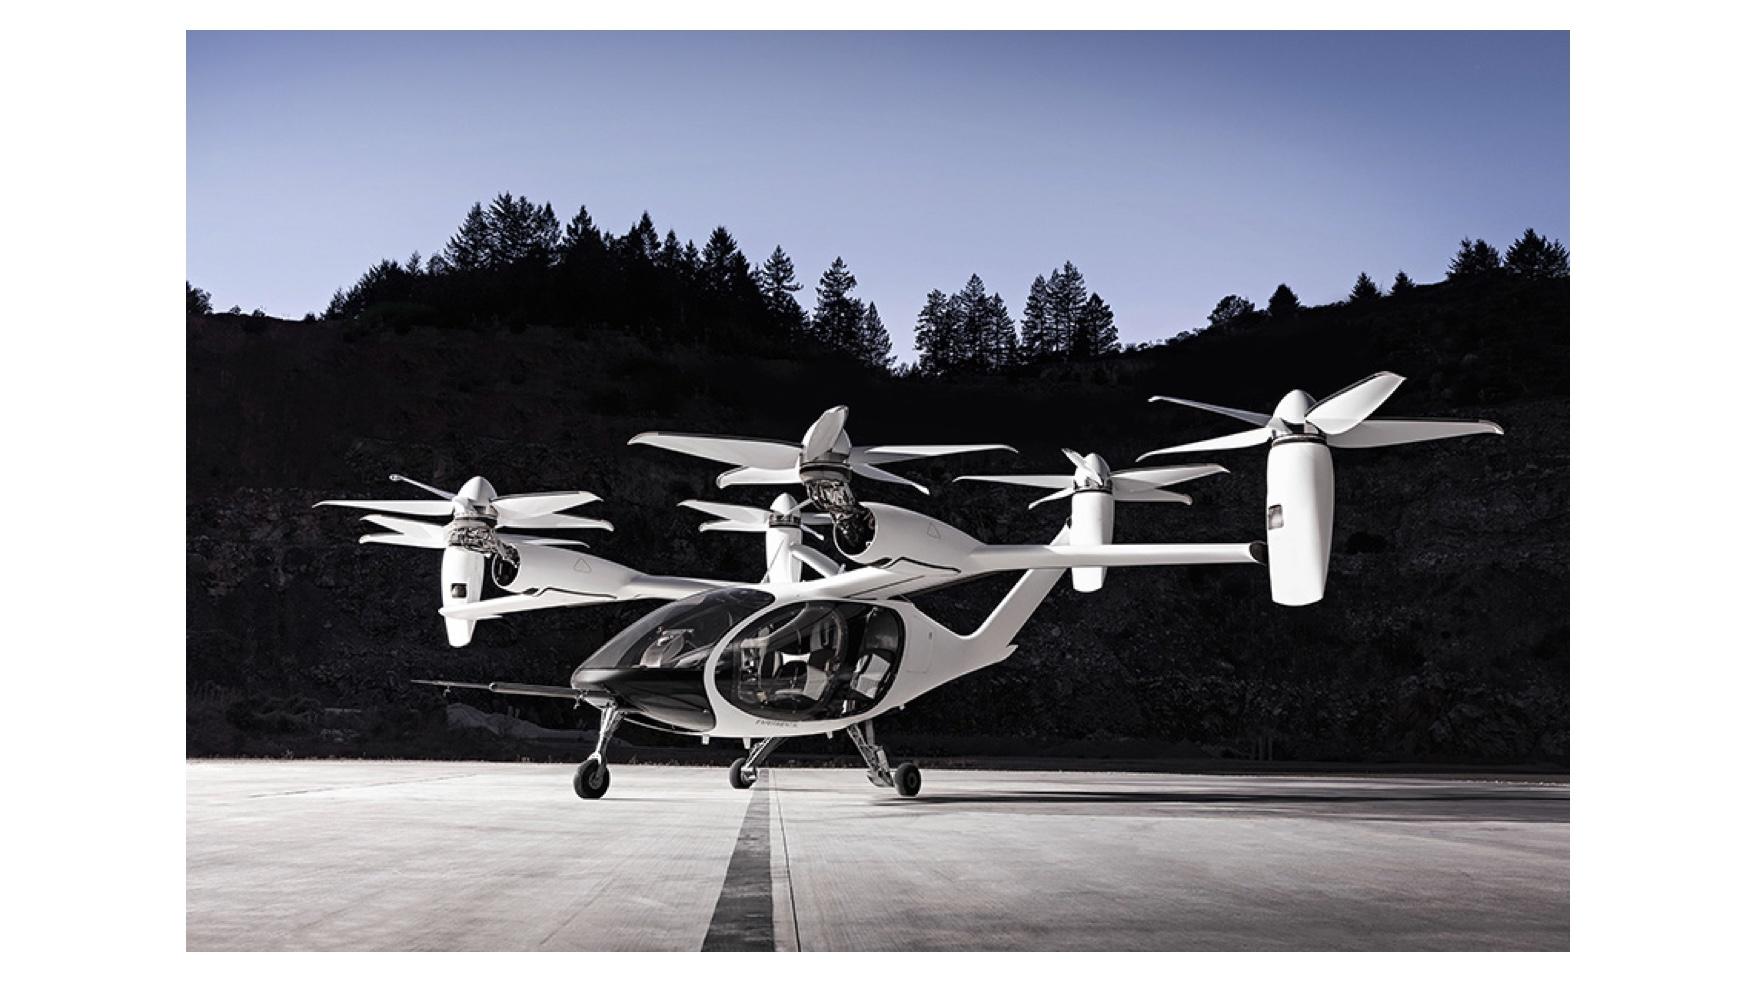 トヨタ自動車×Joby Aviation | 空のモビリティの実現に向けて電動垂直離着陸機(eVTOL)の開発・生産で協業